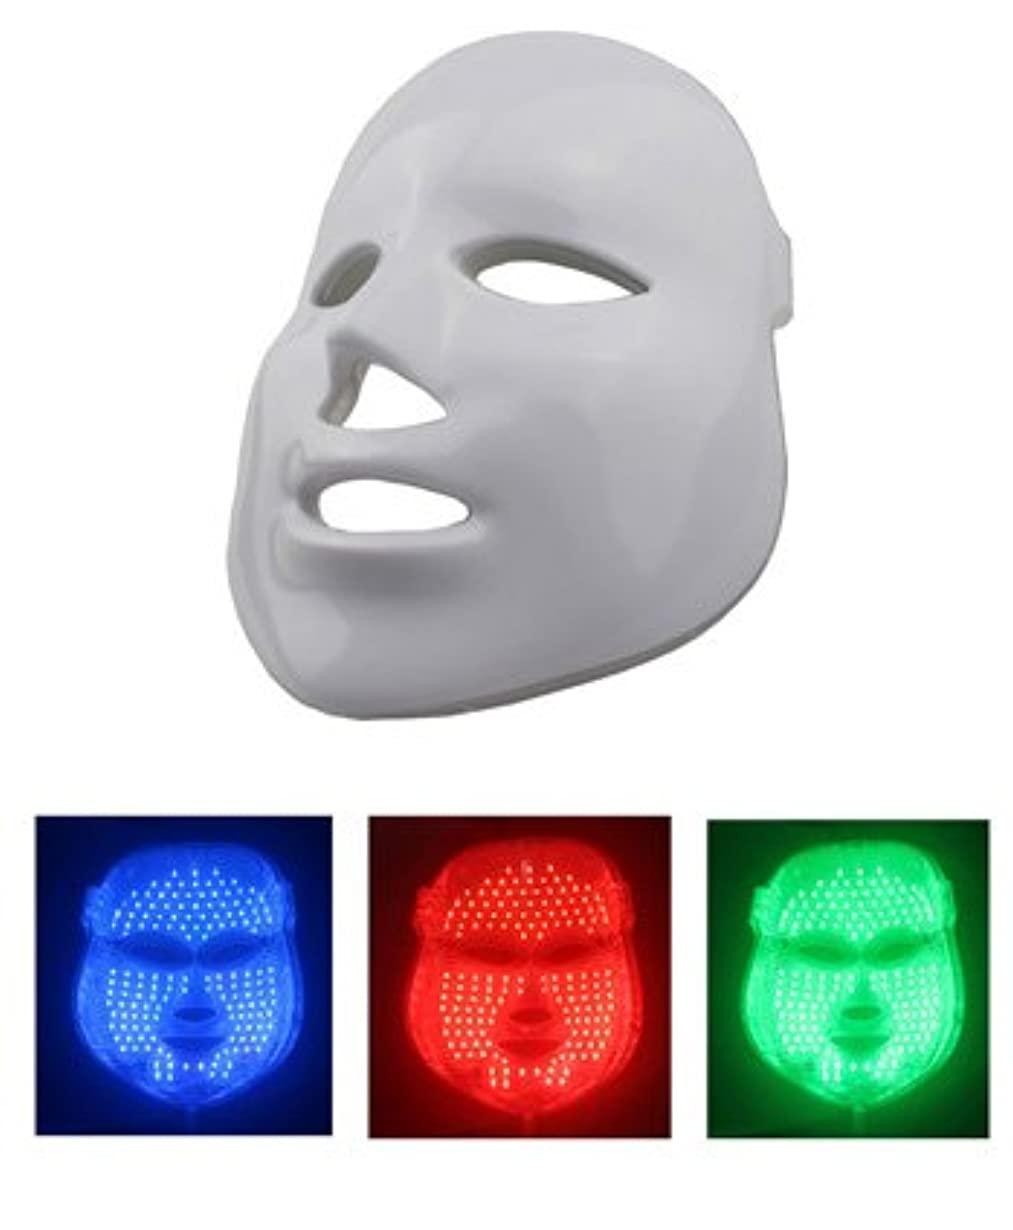 盆甘い落花生美顔 LEDマスク LED美顔器 三色モデル